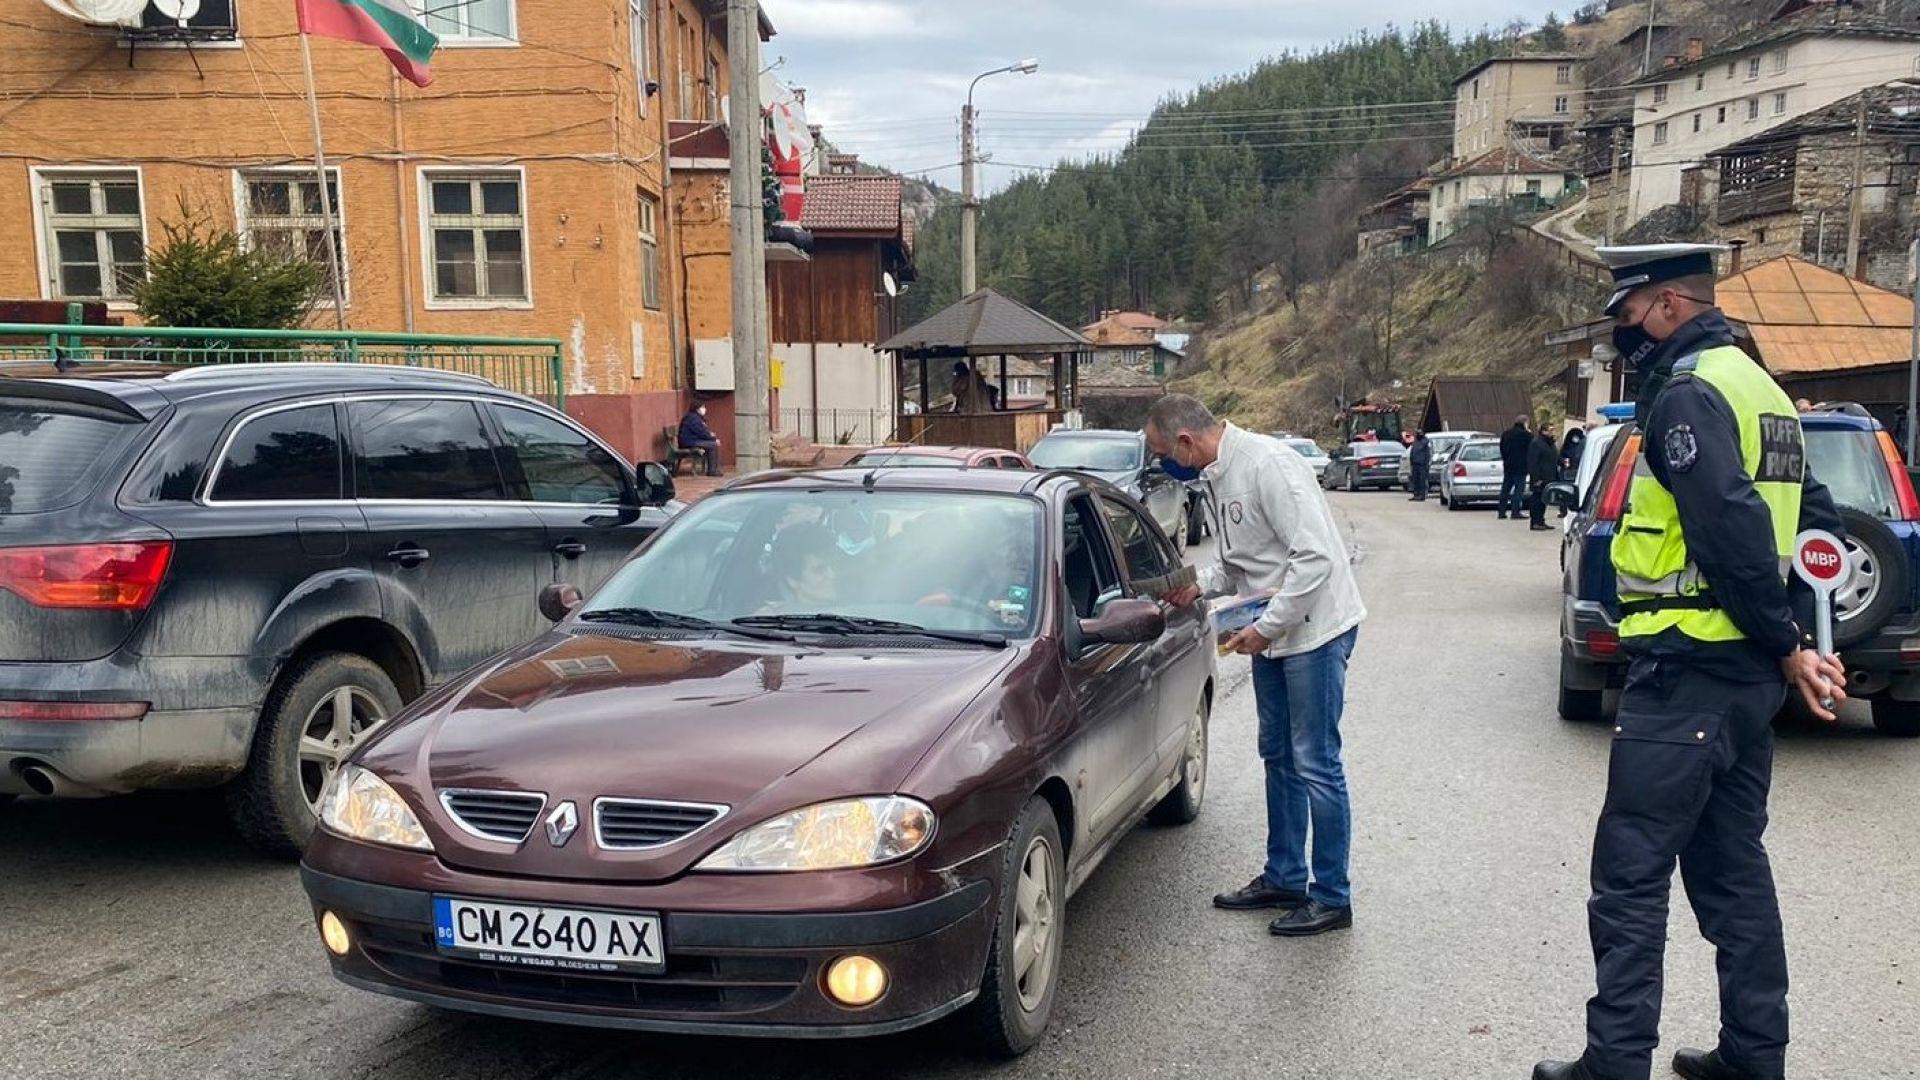 Раздадоха курбан на пътя в Смолянско, всяка 4-а катастрофа е с пиян шофьор